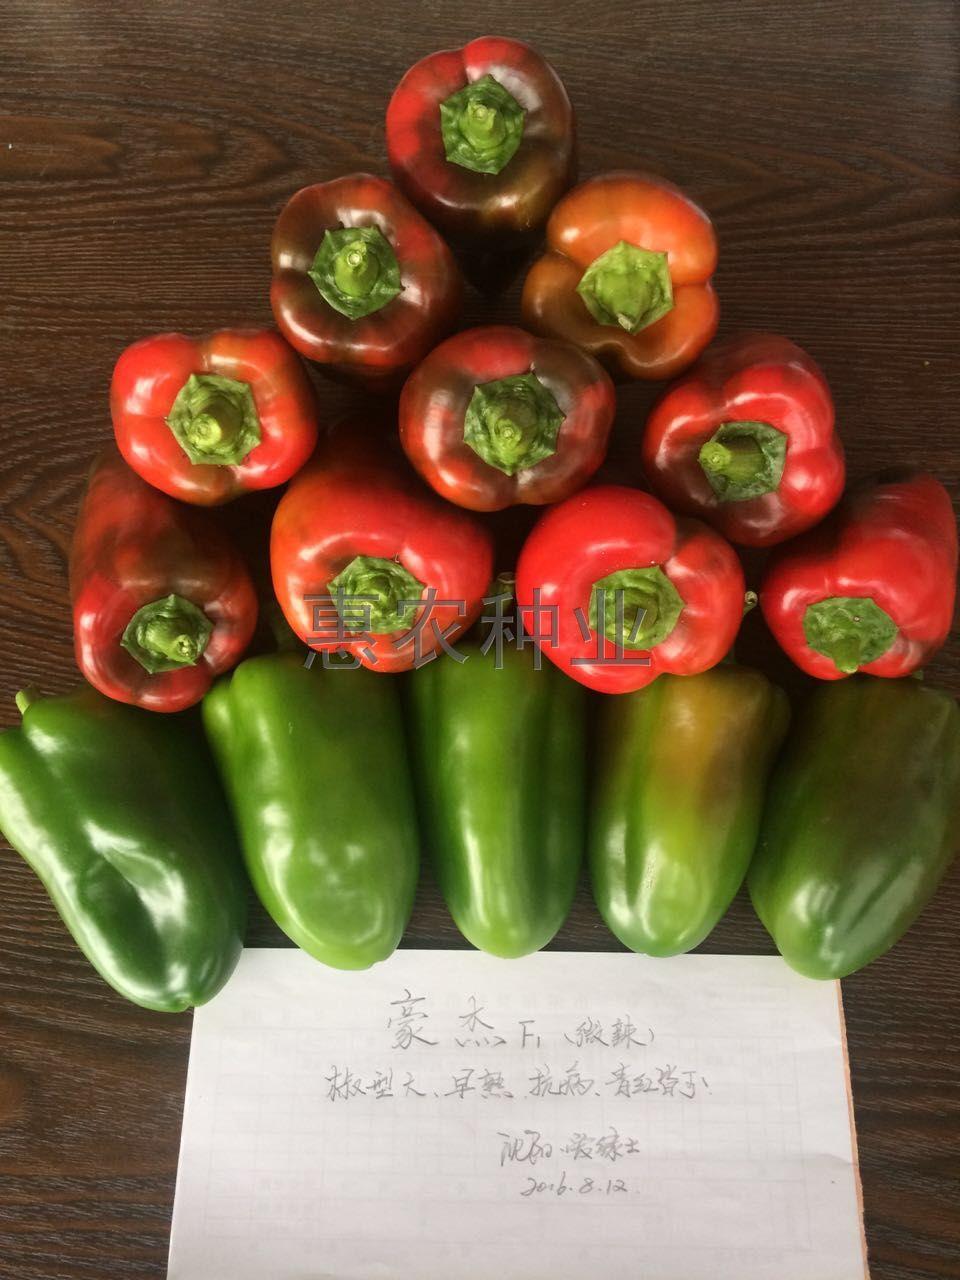 豪杰—甜椒种子